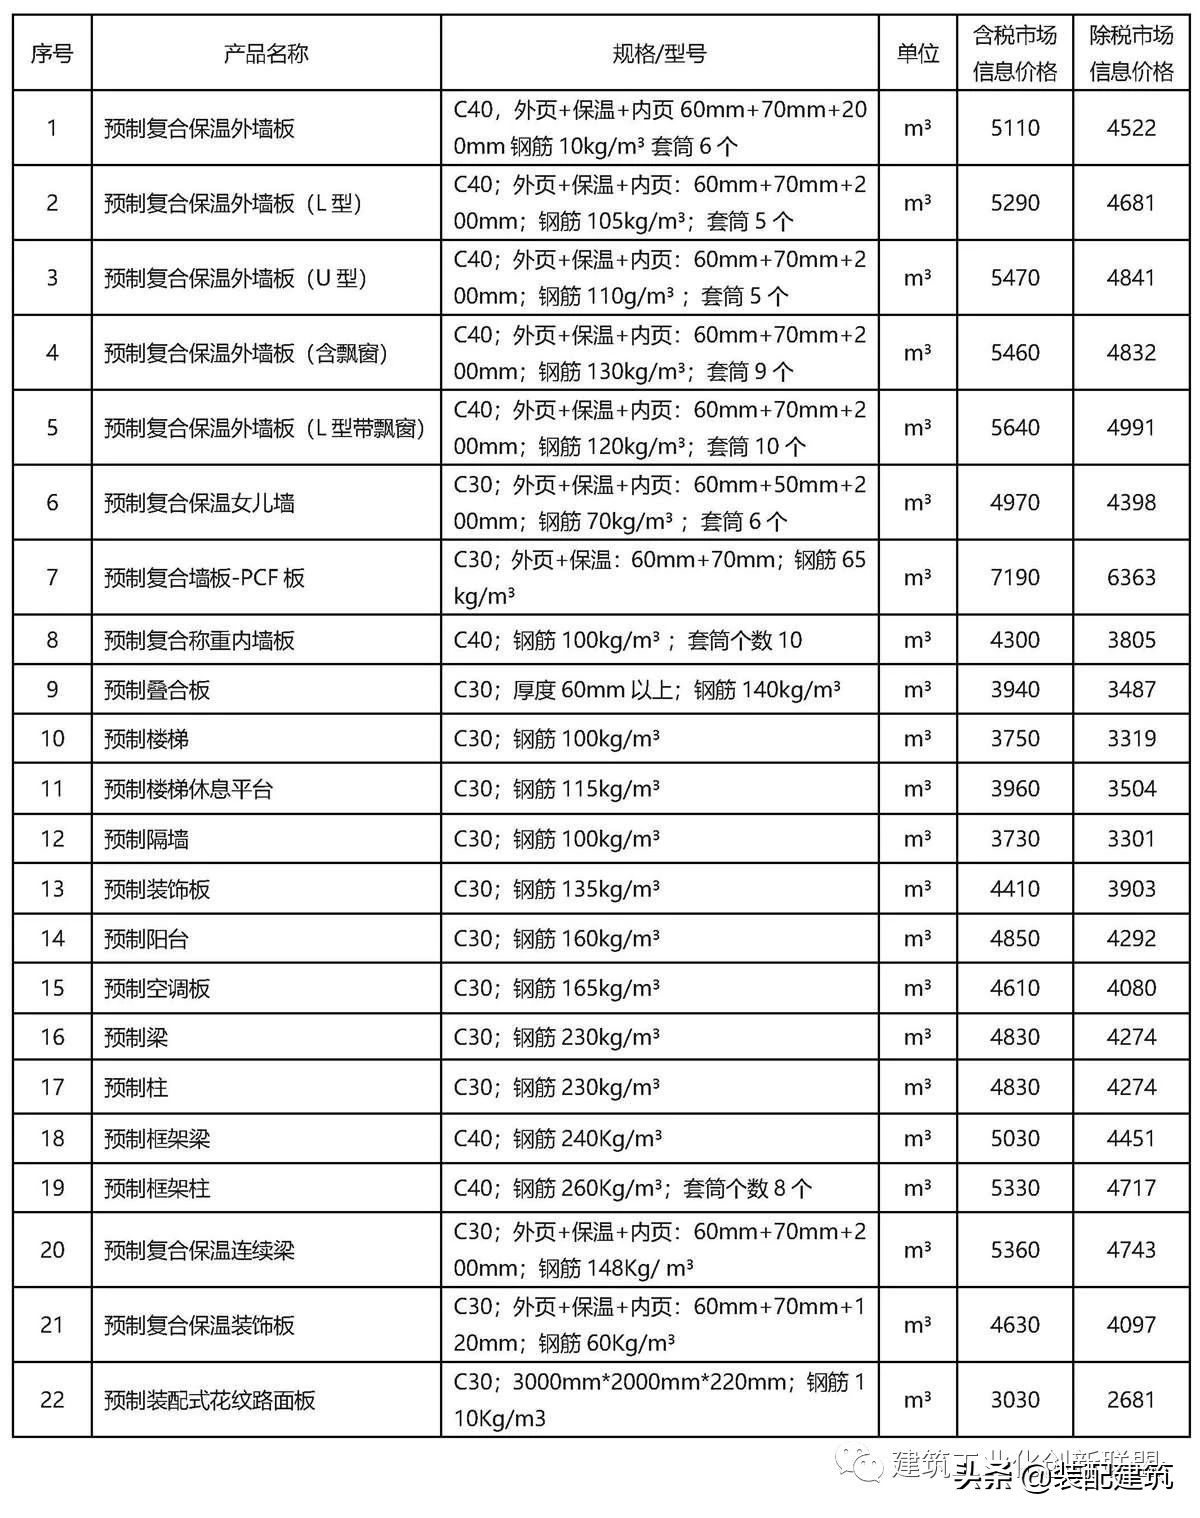 2020年9月北京市装配式建筑构件市场参考价